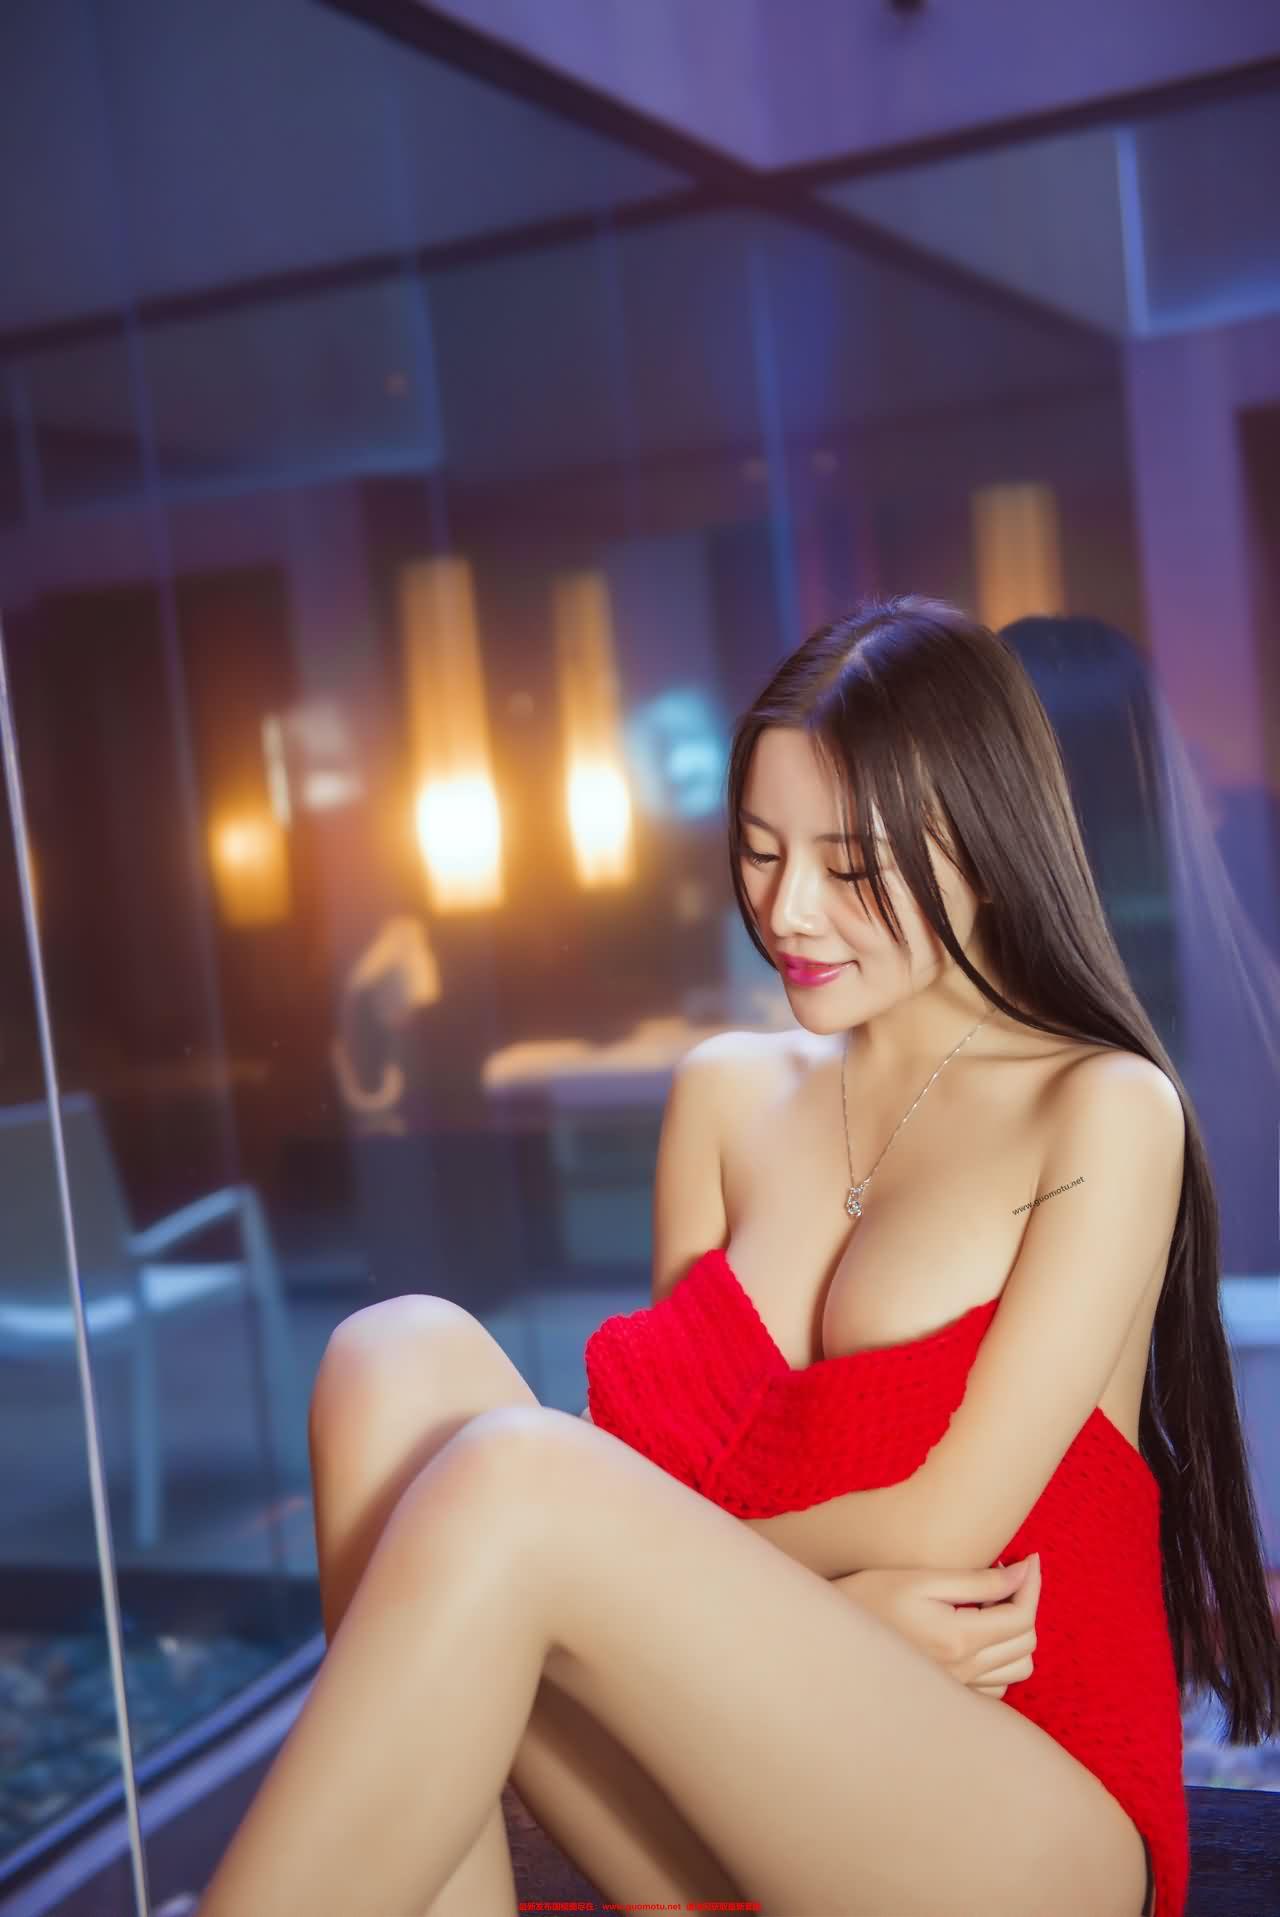 秀人网模特极品模特木奈奈/尔兰精修 119P